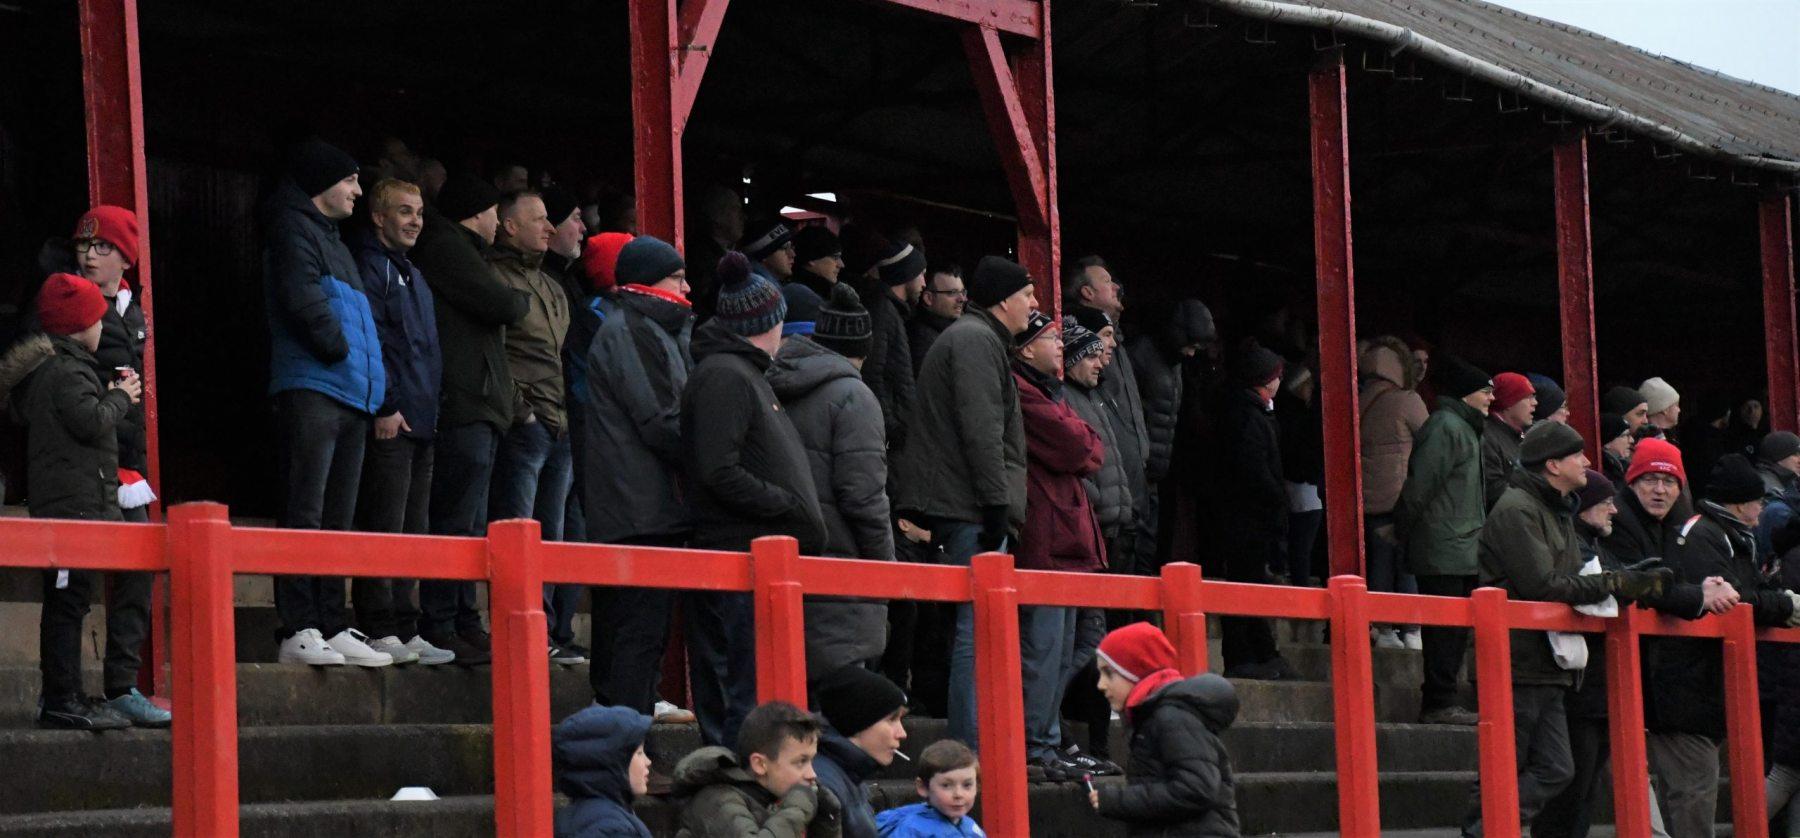 Workington-Reds-v-Ossett-Utd-Ben-Challis-24-scaled